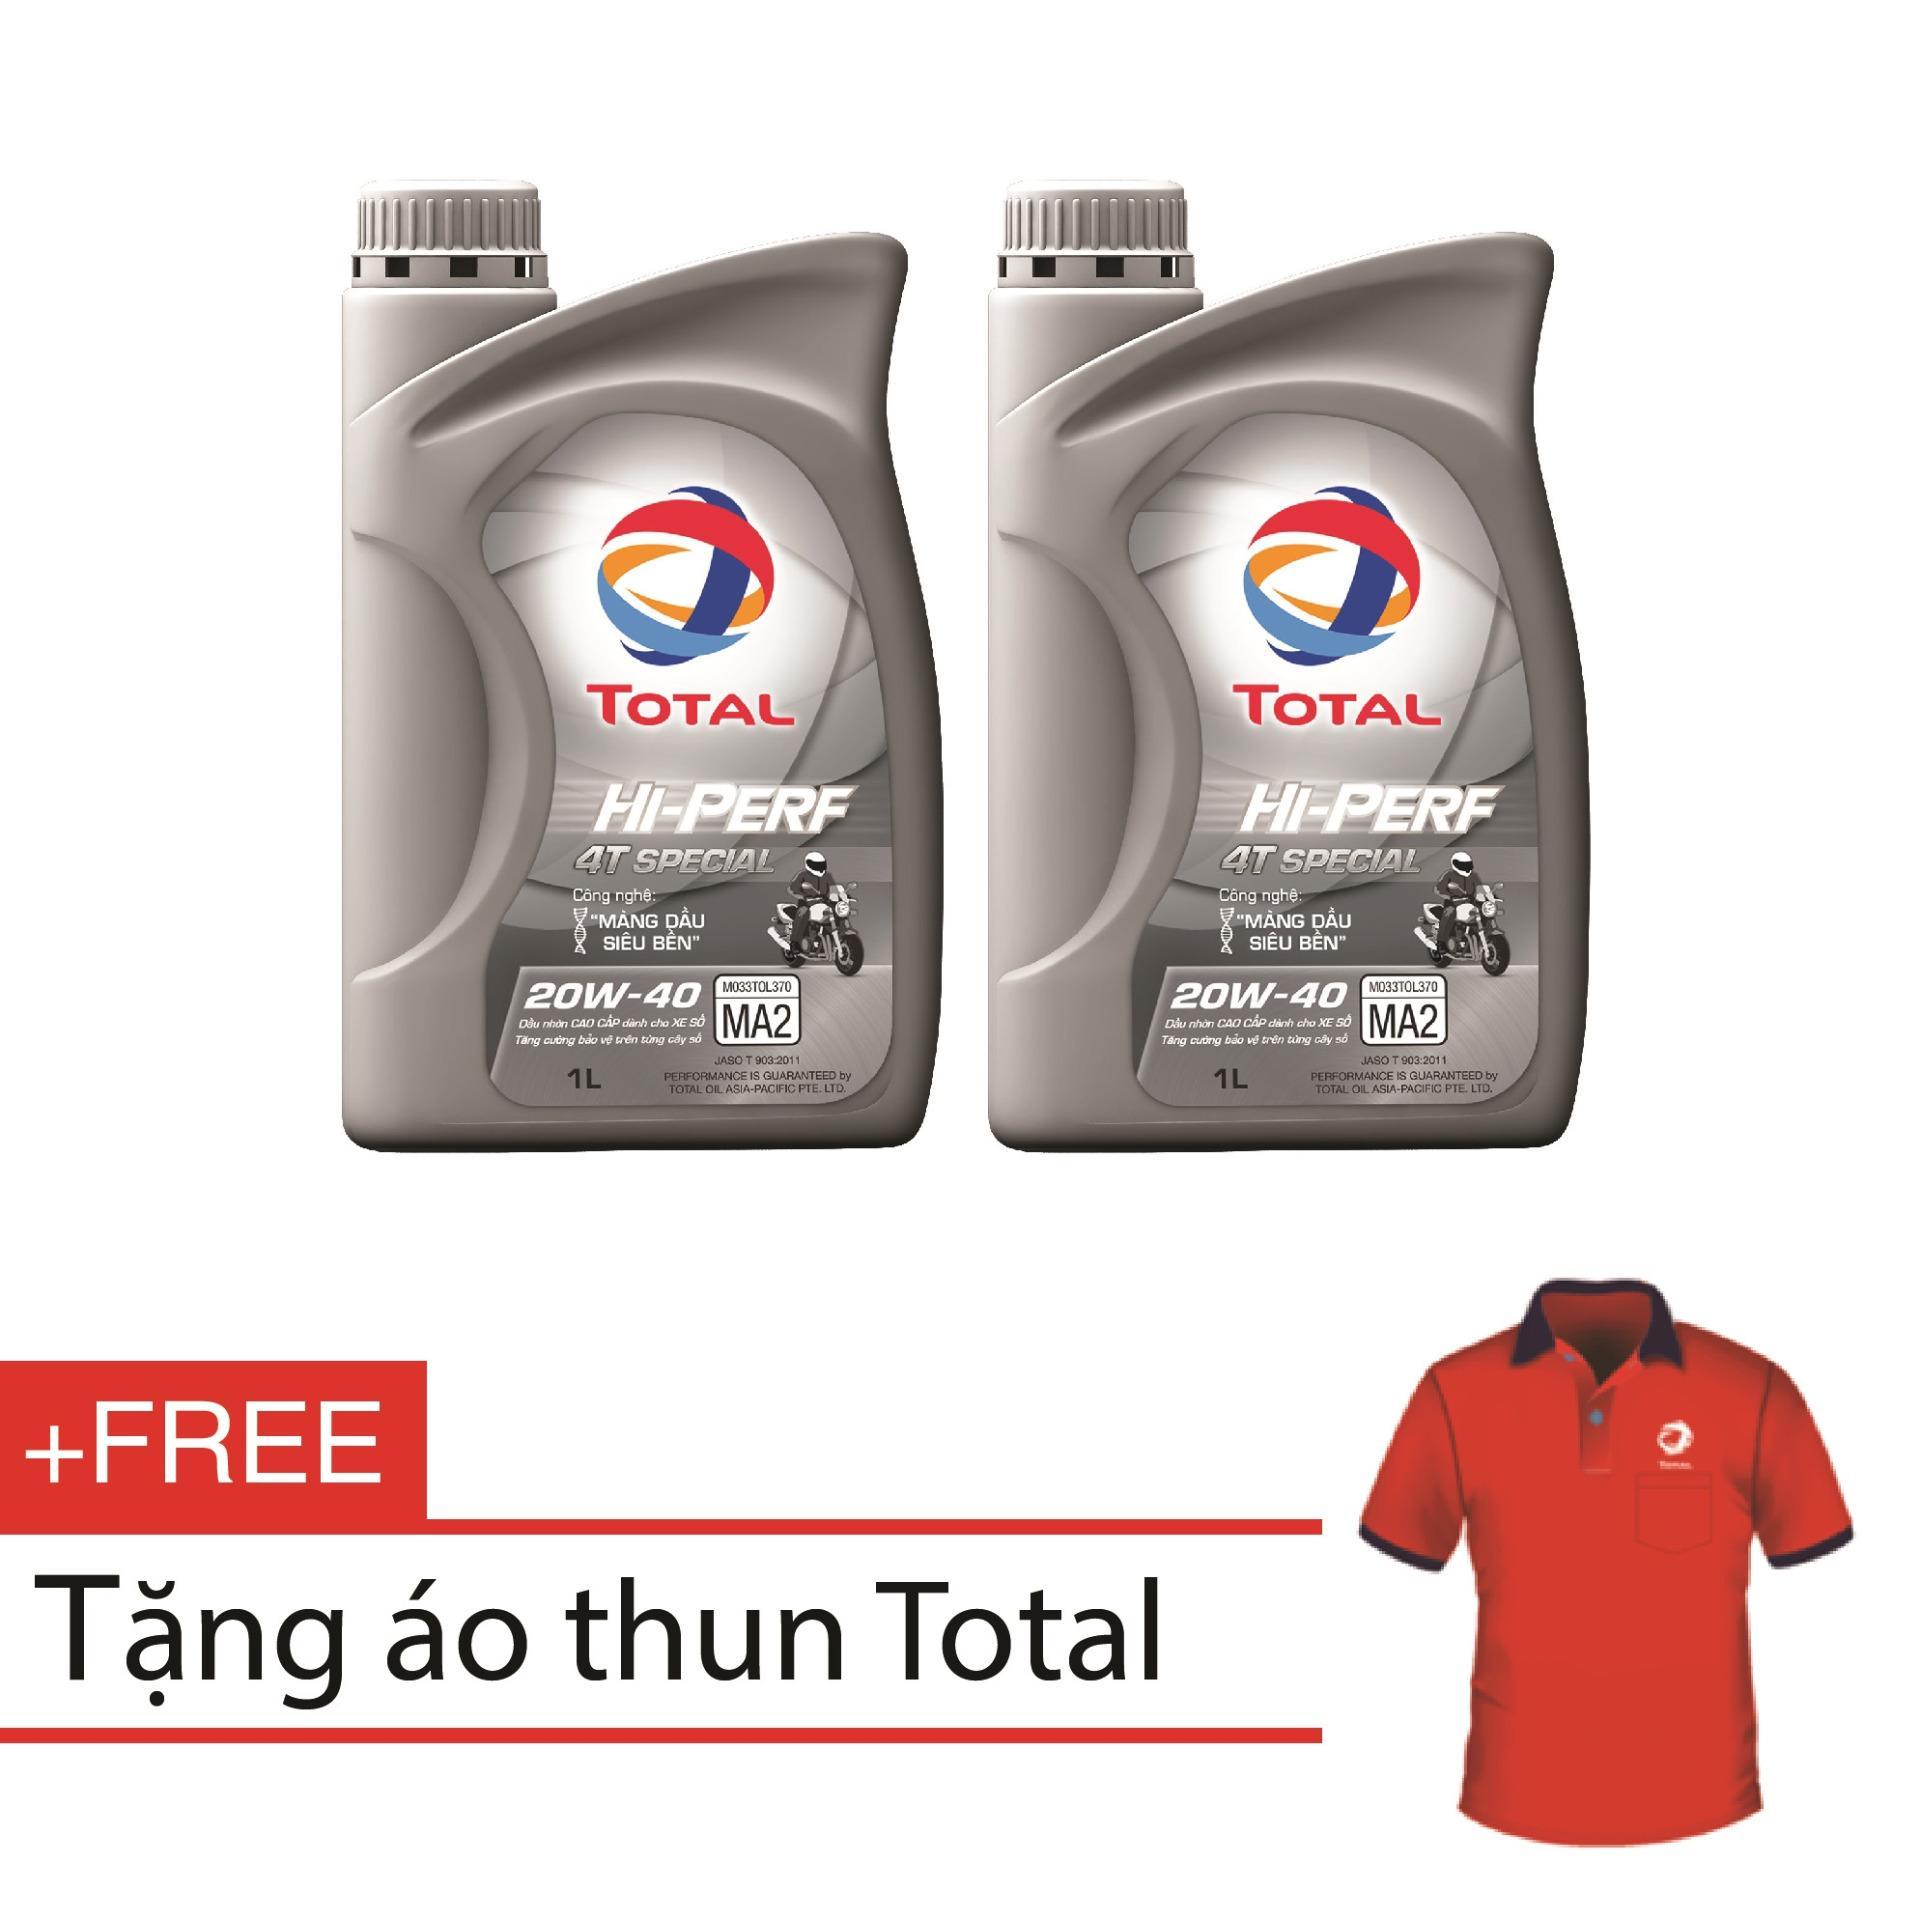 Bán Mua Combo 2 Binh Nhớt Xe Số Total Hi Perf 4T Special 20W40 1L Tặng Ao Thun Total Cao Cấp Hồ Chí Minh